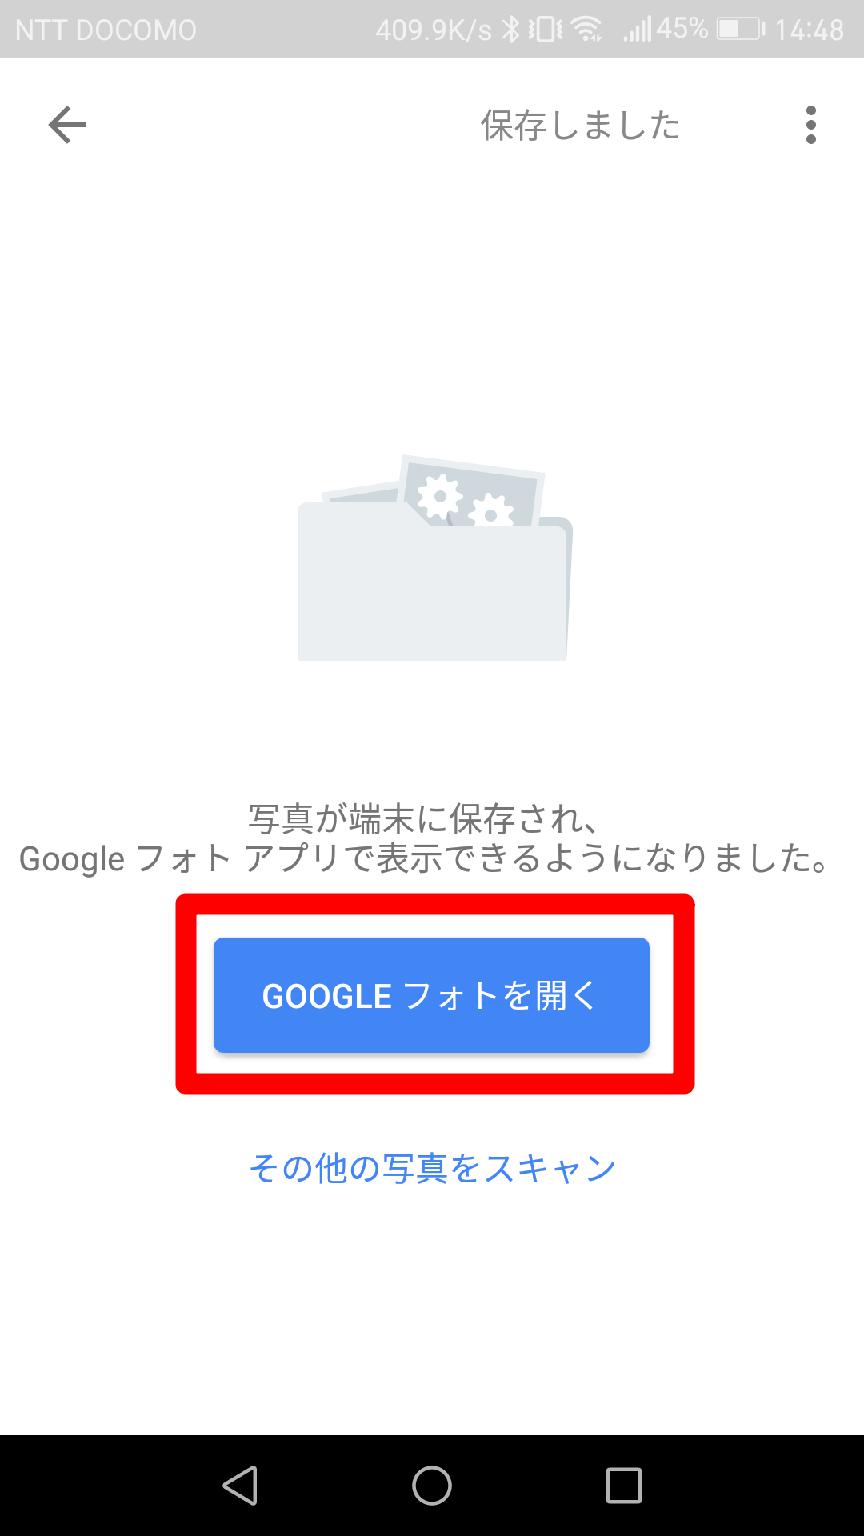 Google Photo(Googleフォト、グーグルフォト)の[フォトスキャン]アプリで取り込んだ画像を保存した画面